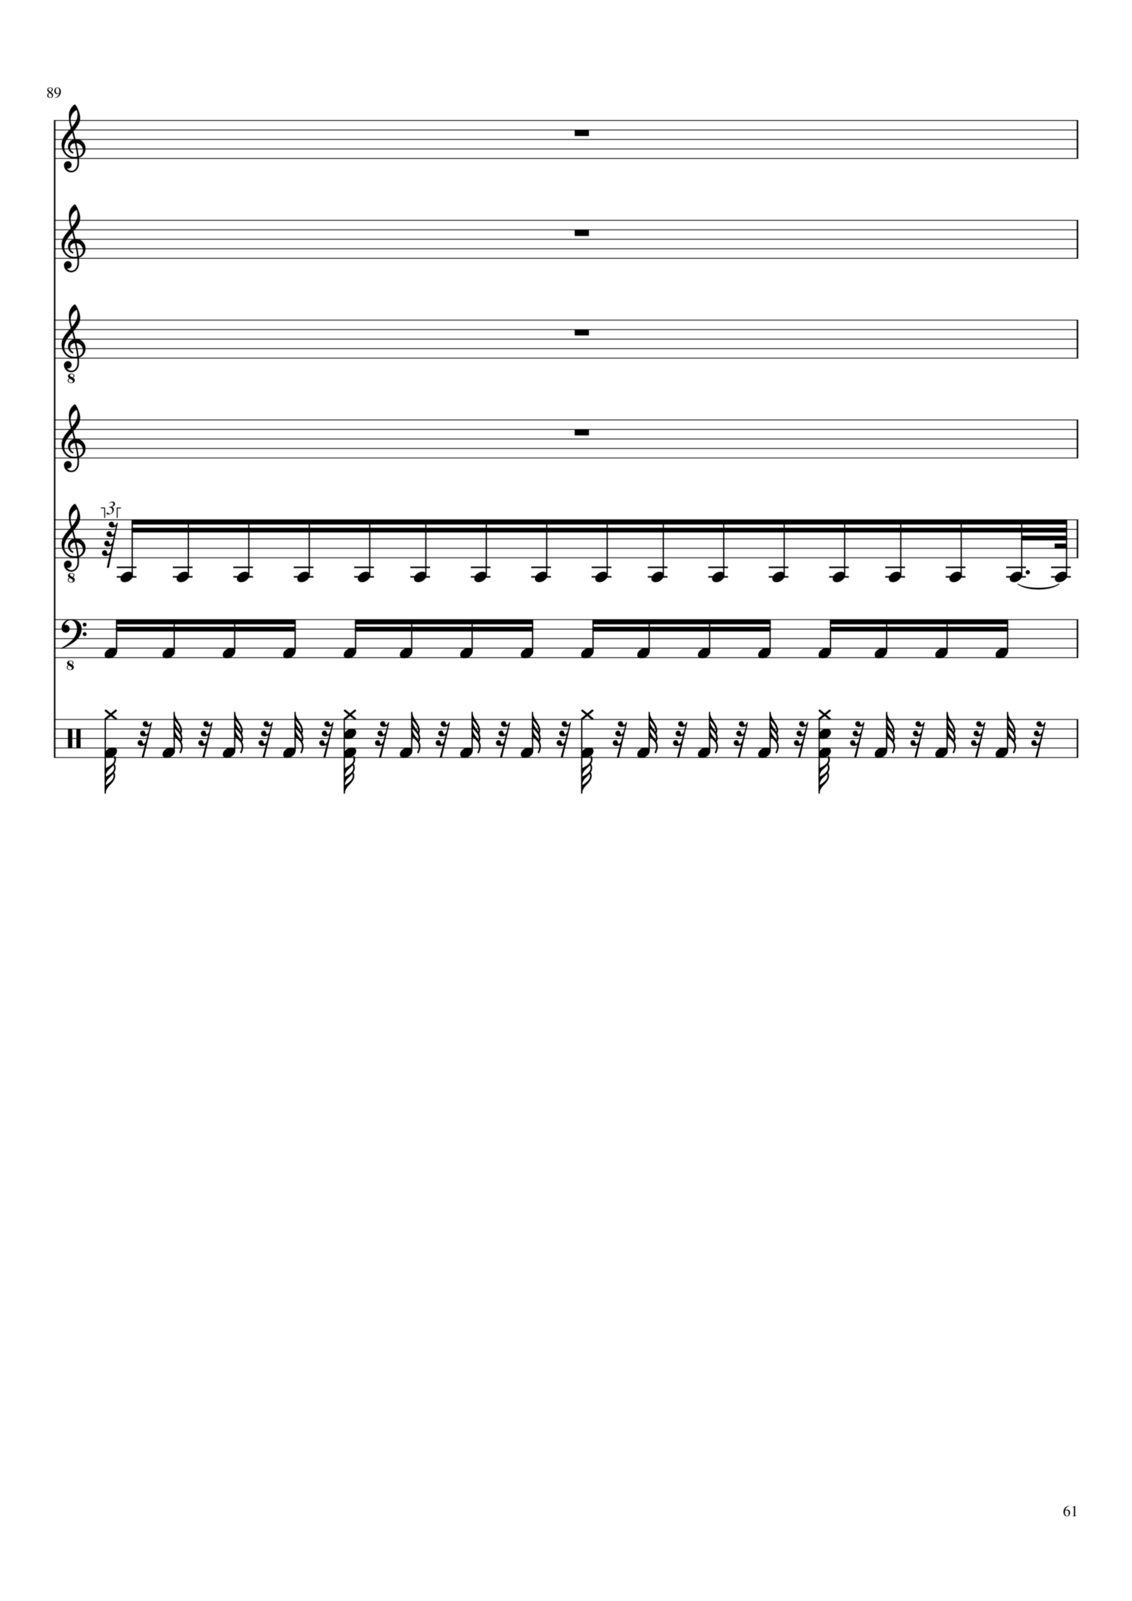 Proschanie s volshebnoy stranoy slide, Image 61